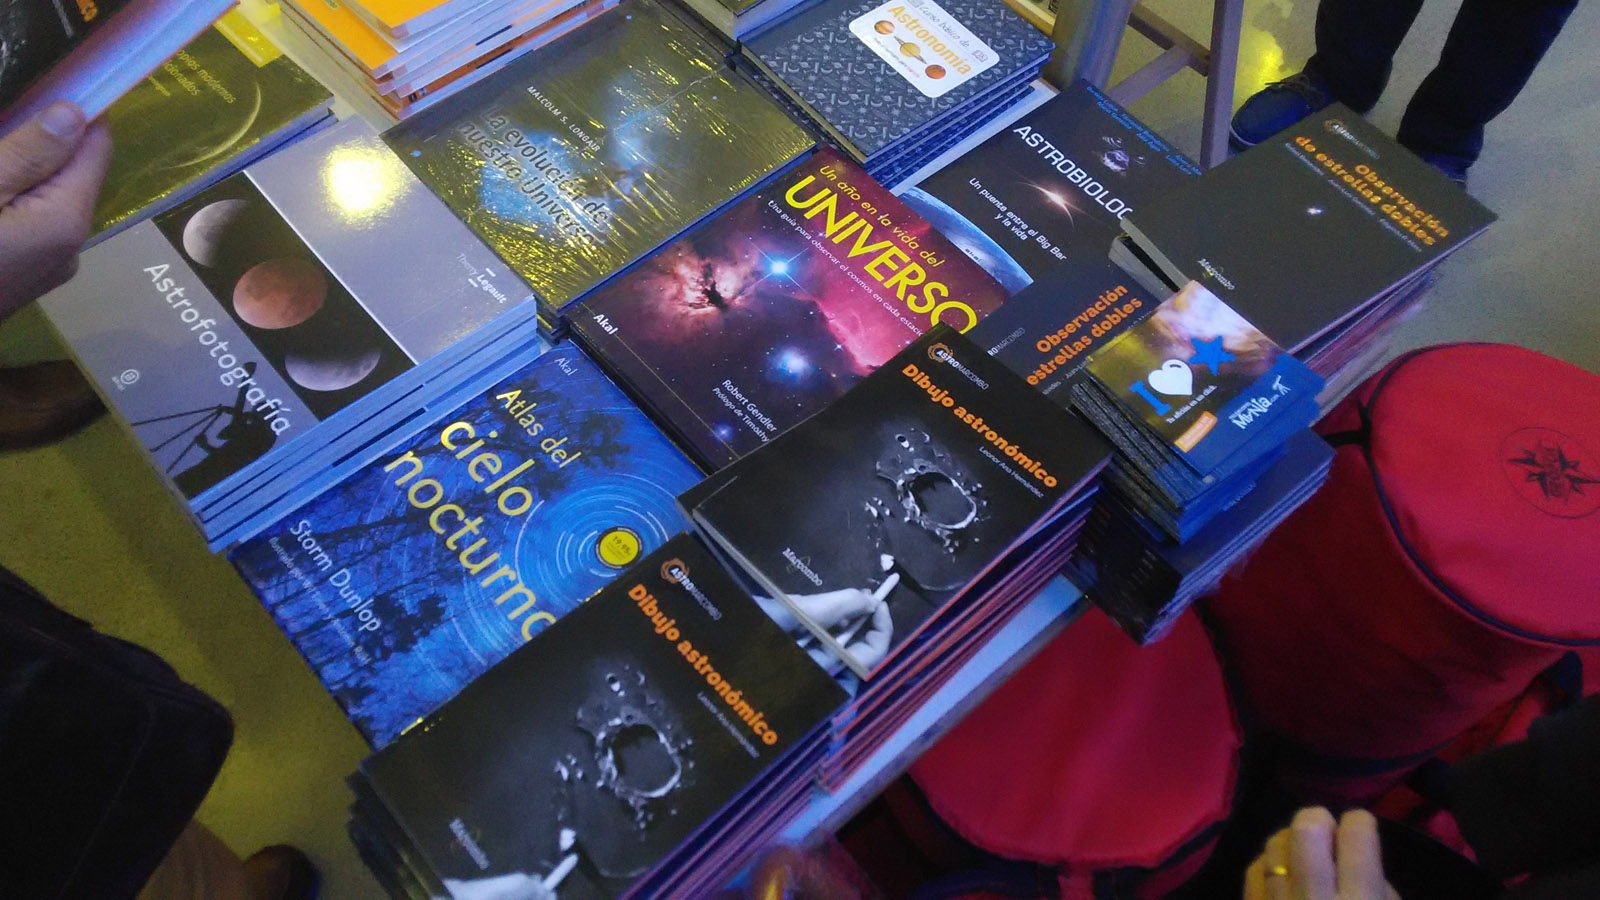 ¡Qué buena pinta tienen estos libros!